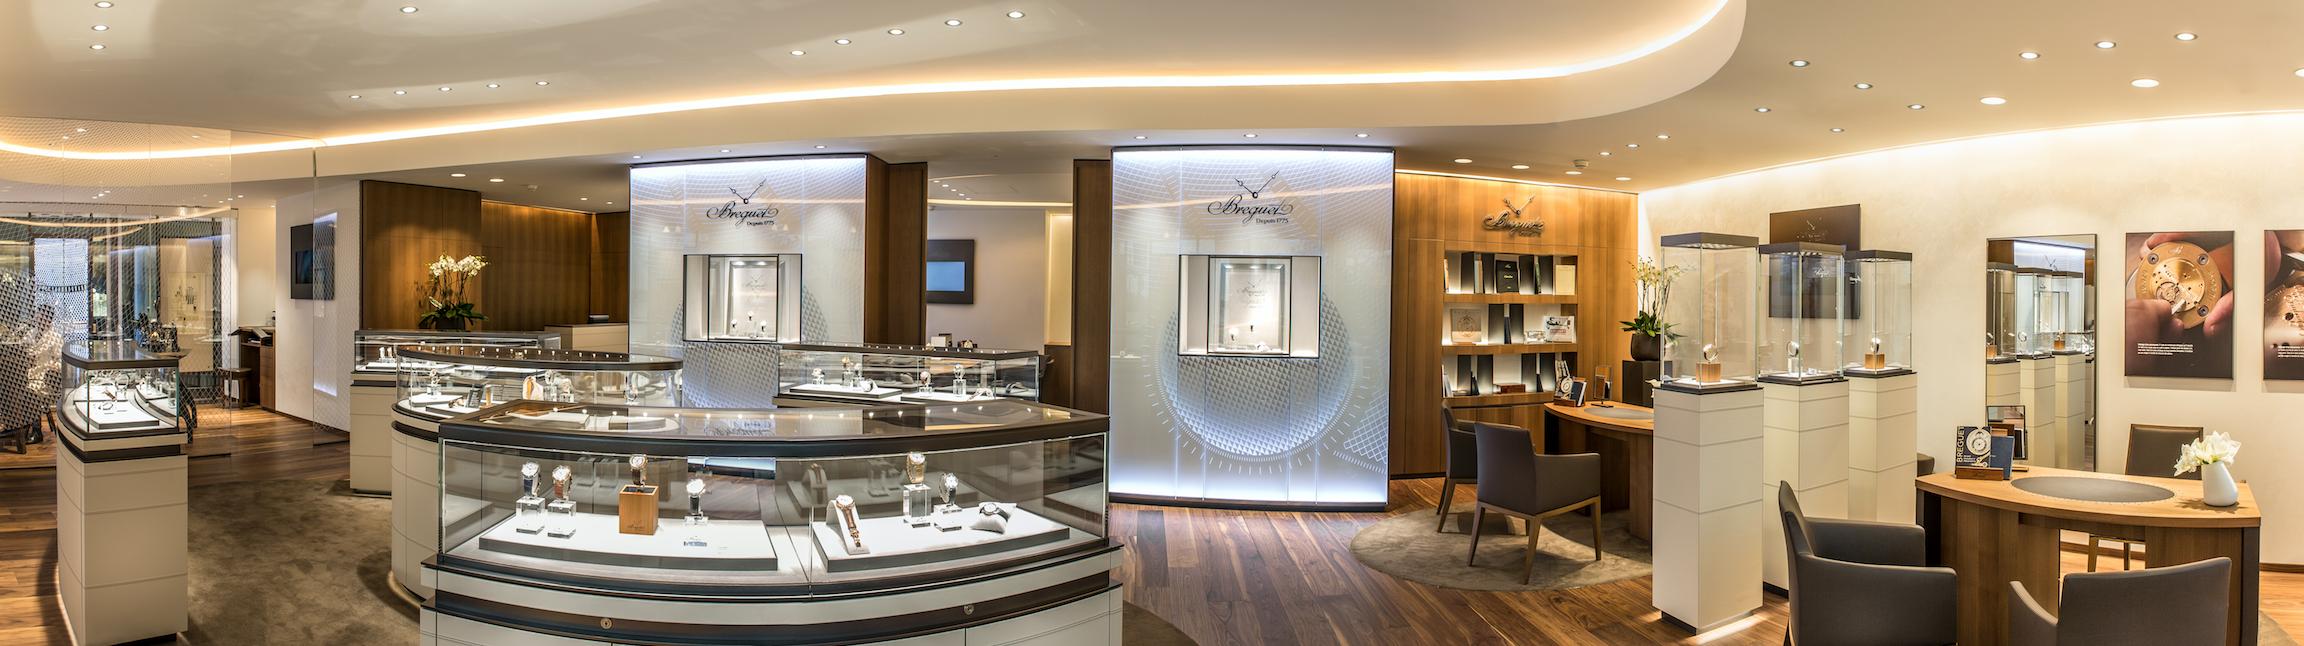 Breguet-Boutique-Geneve-2016-3